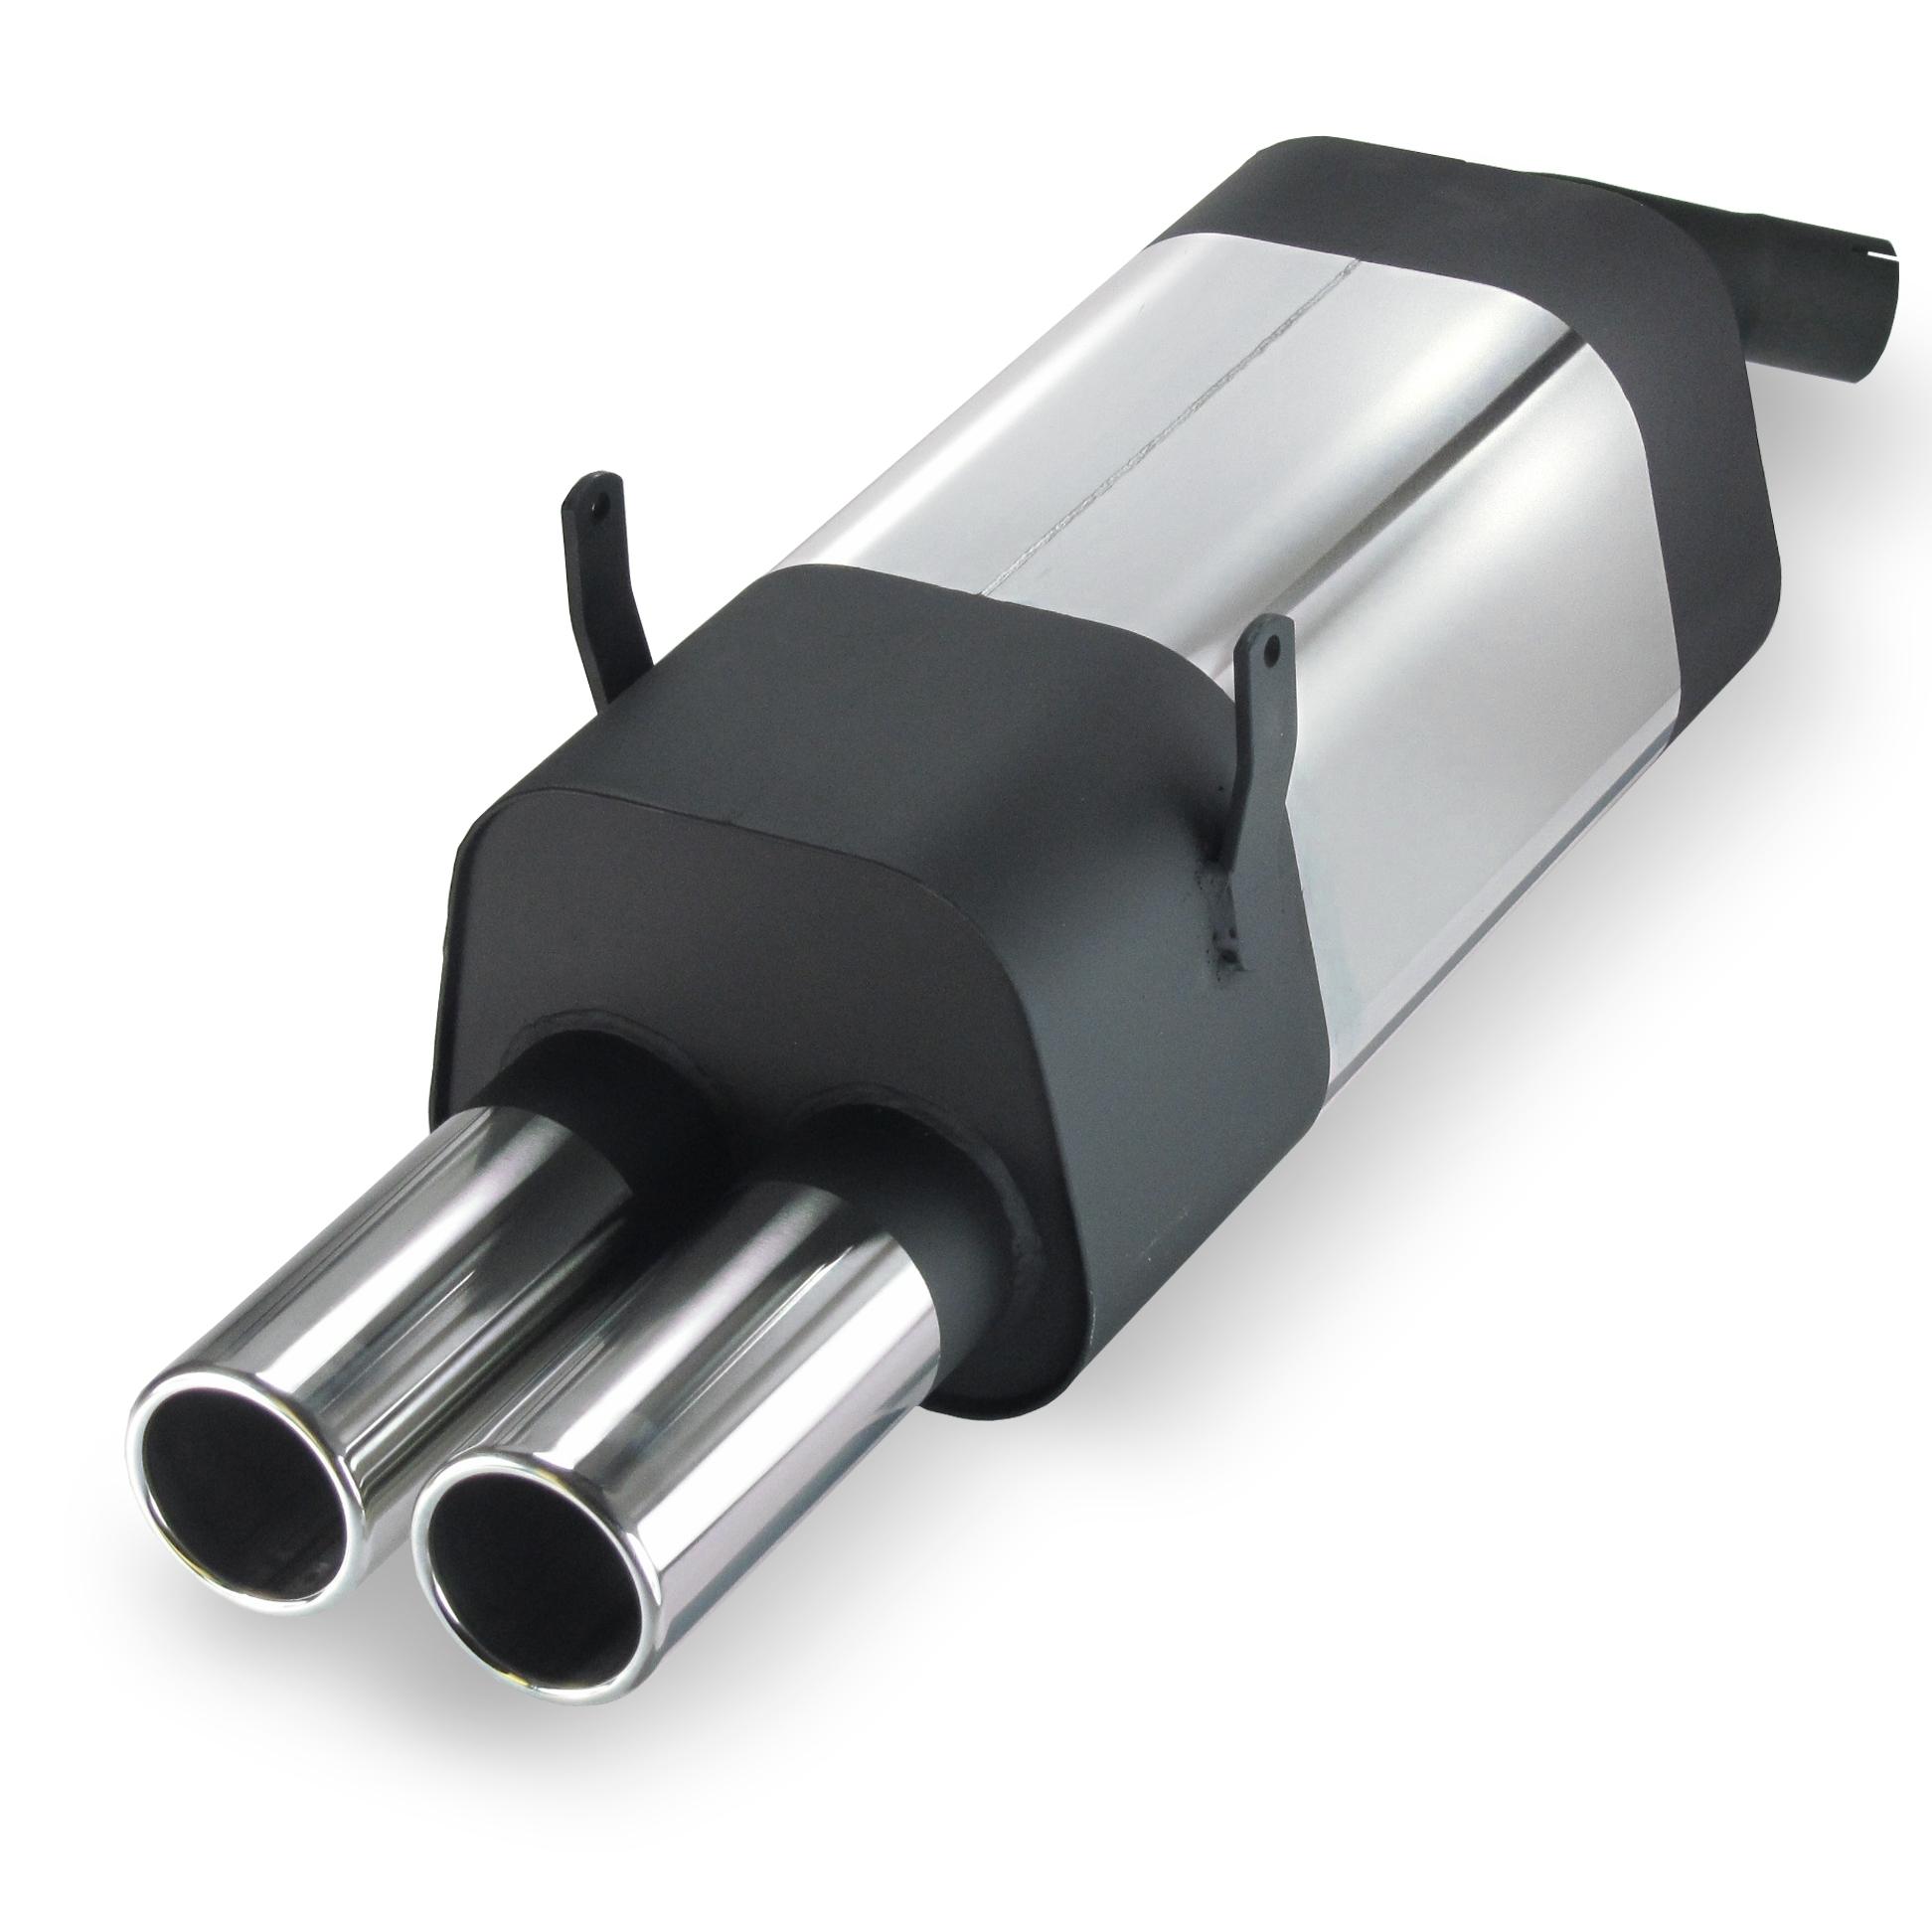 JOM Bagpotte rustfri stål med 2x76 mm lige afgange. Til BMW 3 serie E36 4 cylinder 316i og 318i Udvendig tilbehør > Udstødning